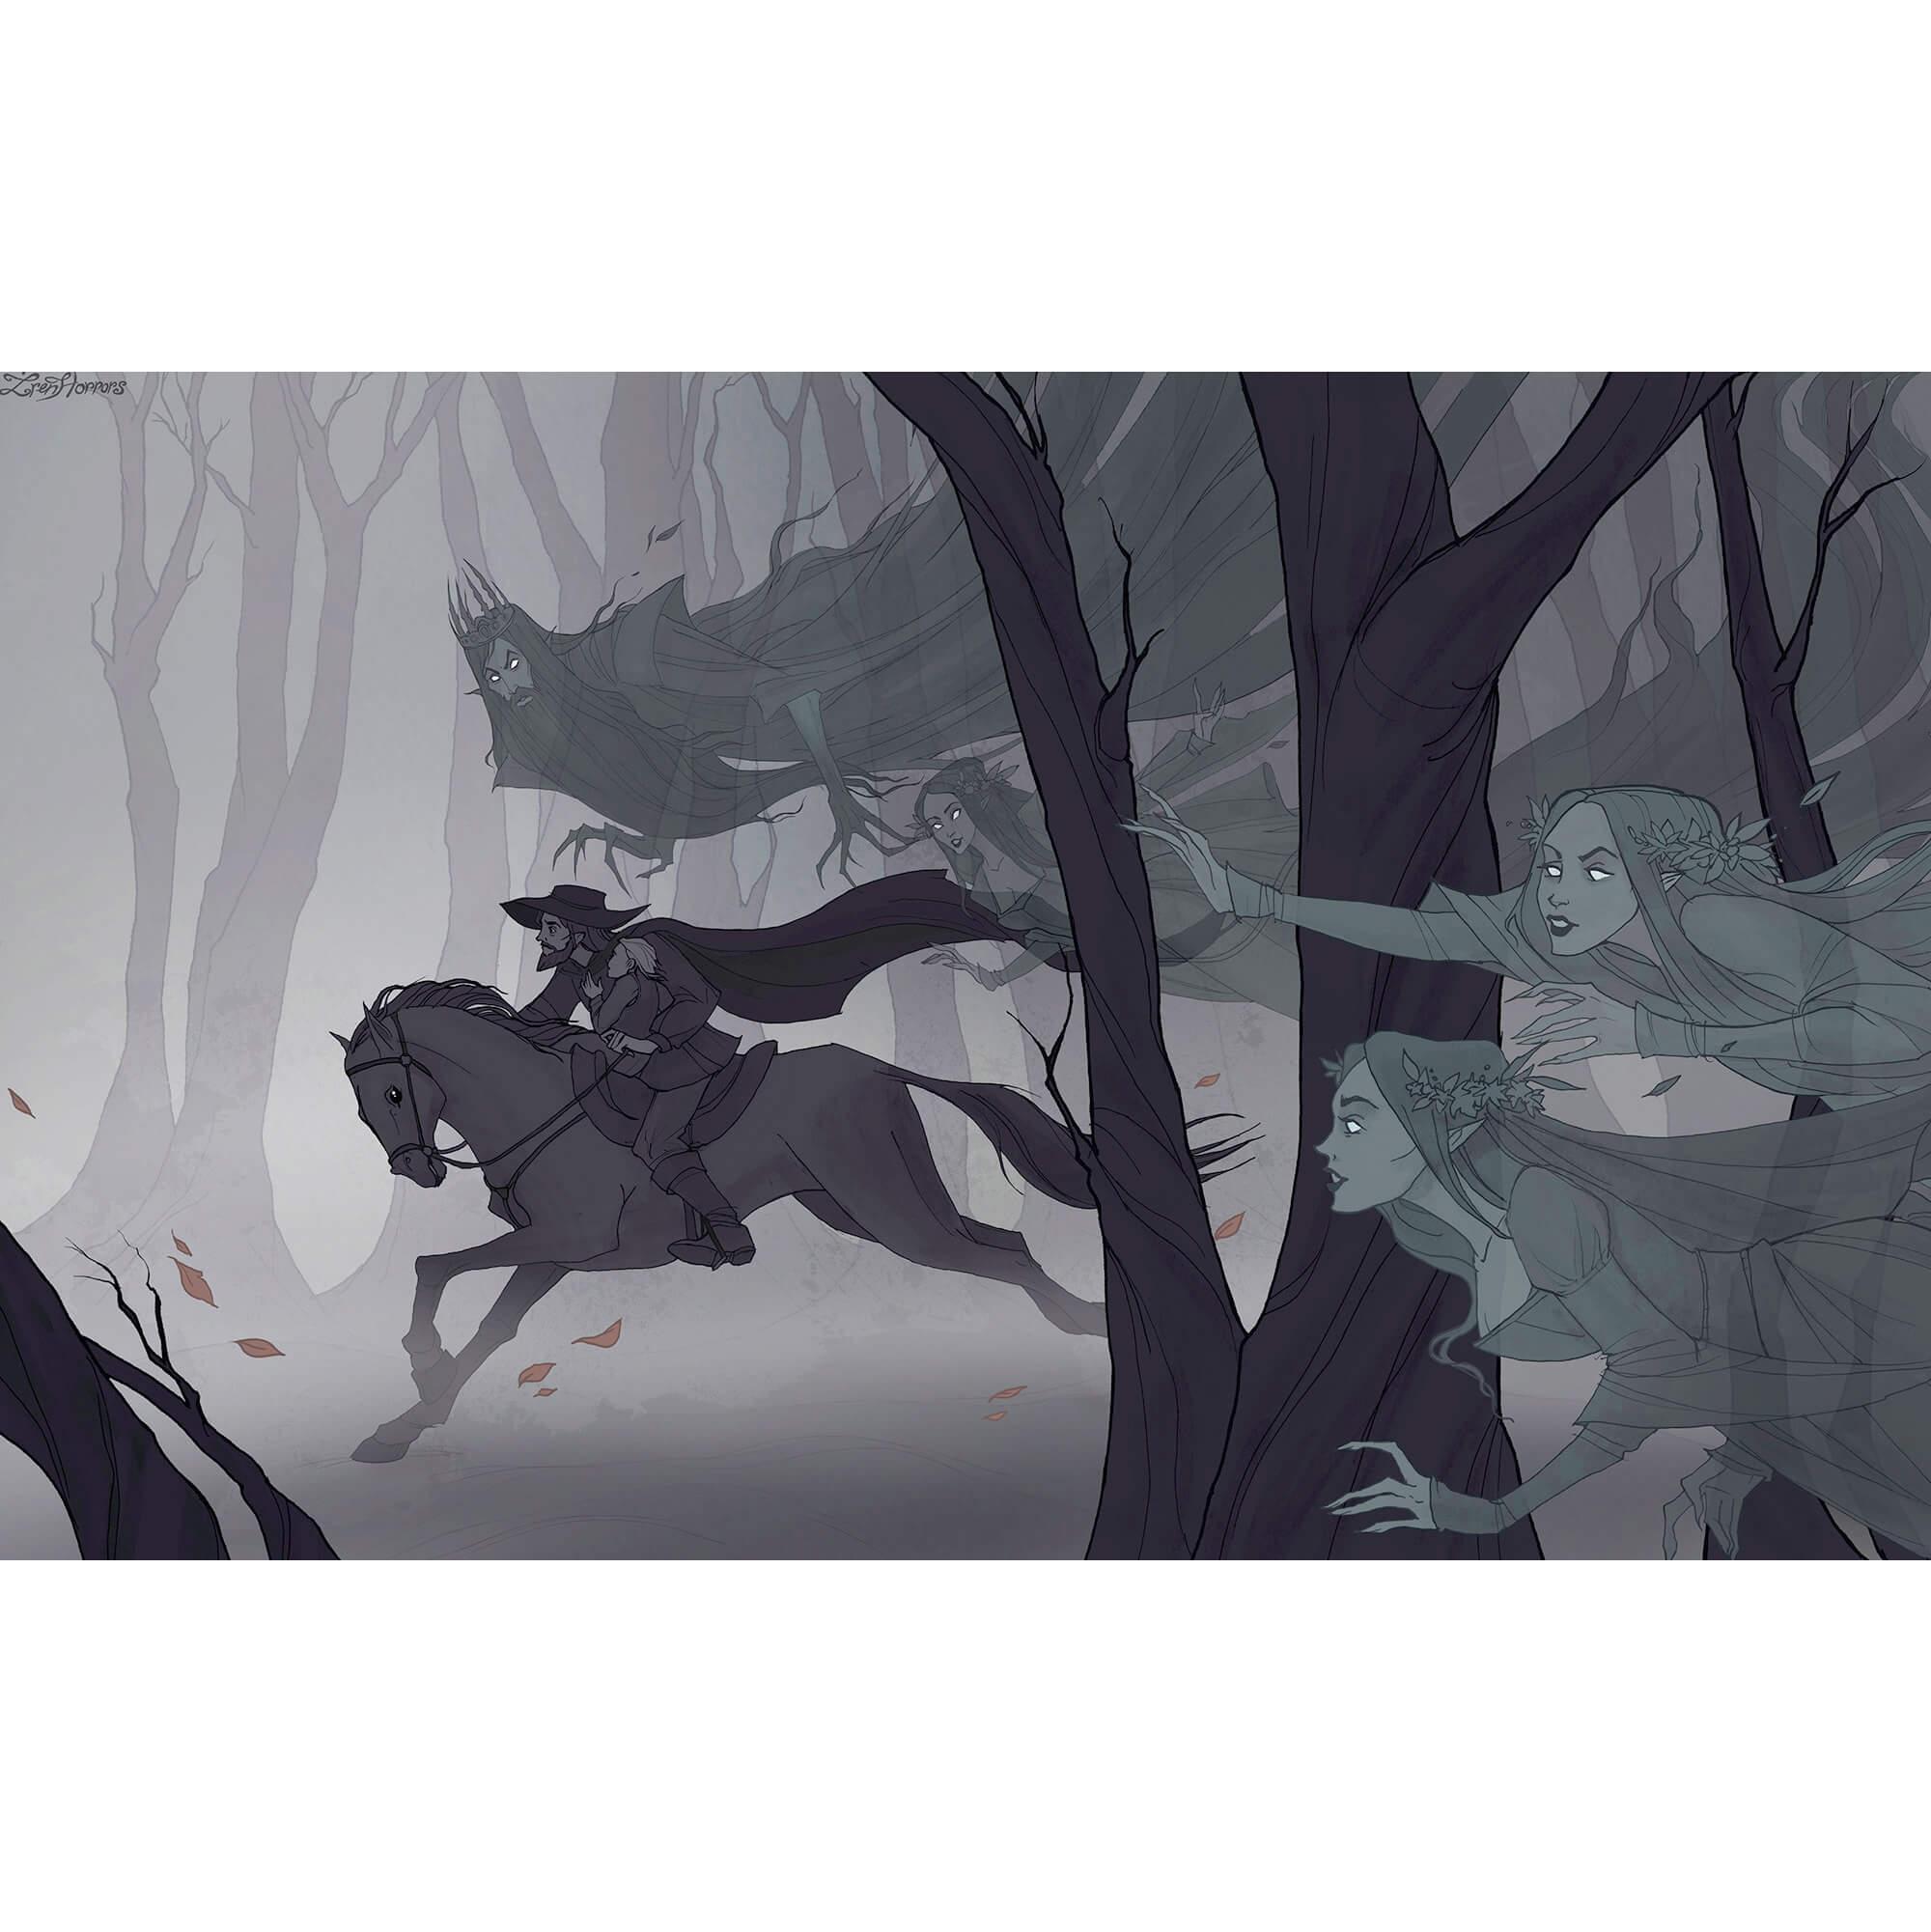 мужчина на коне скачет через лес, его преследует призраки